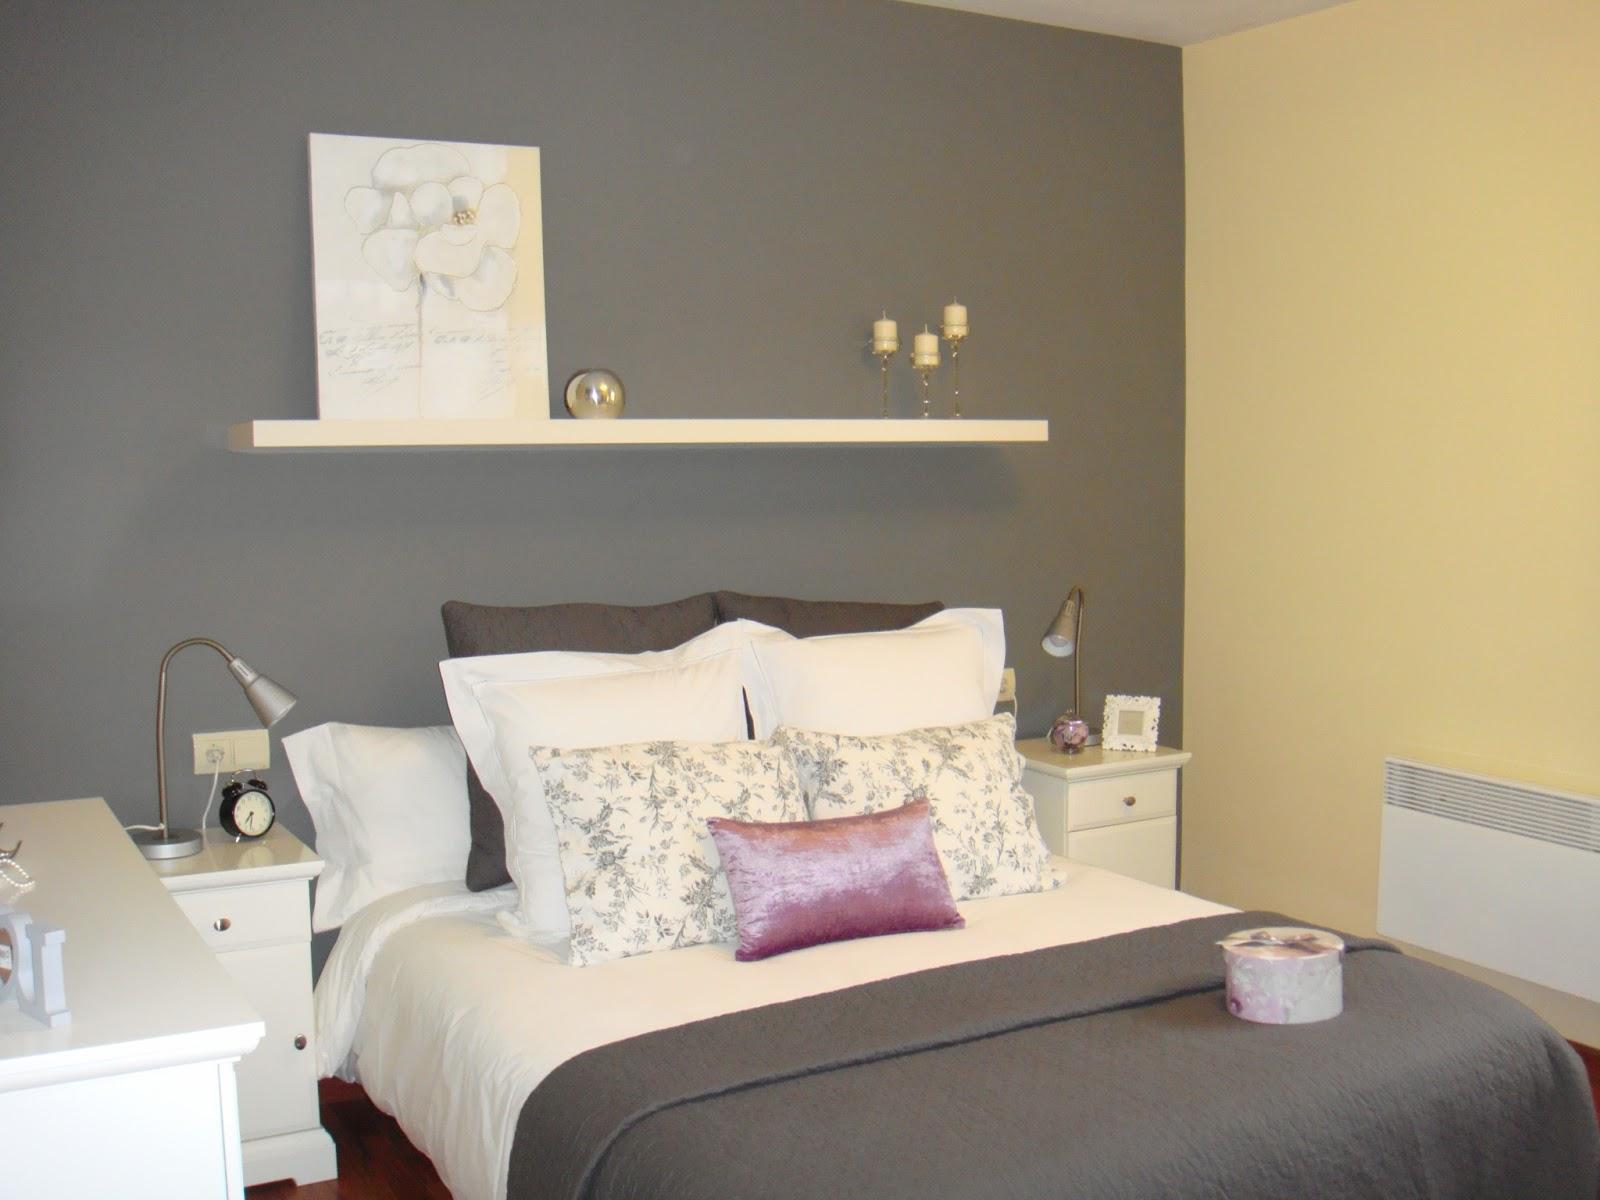 Con lim n y sal habitacion sorpresa for Paredes color gris